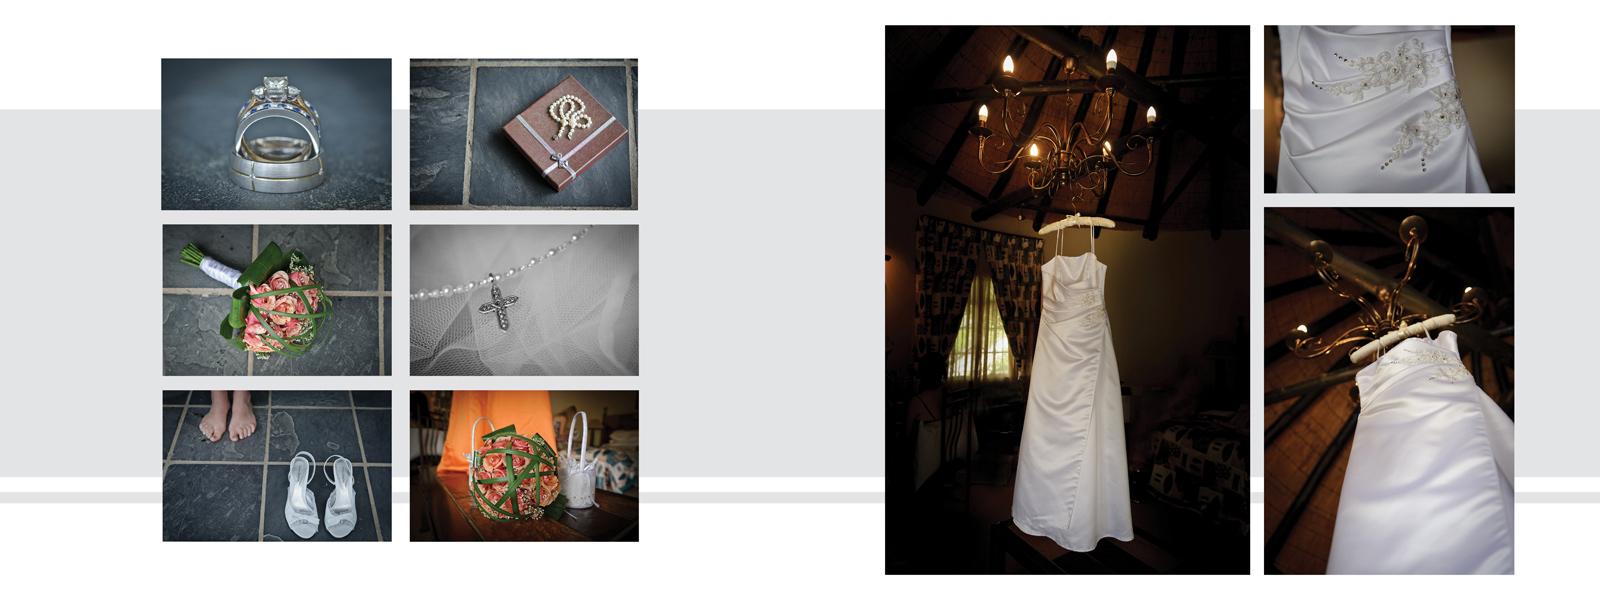 Nathalie Boucry Photography | Charlene and Craig Wedding Album 002